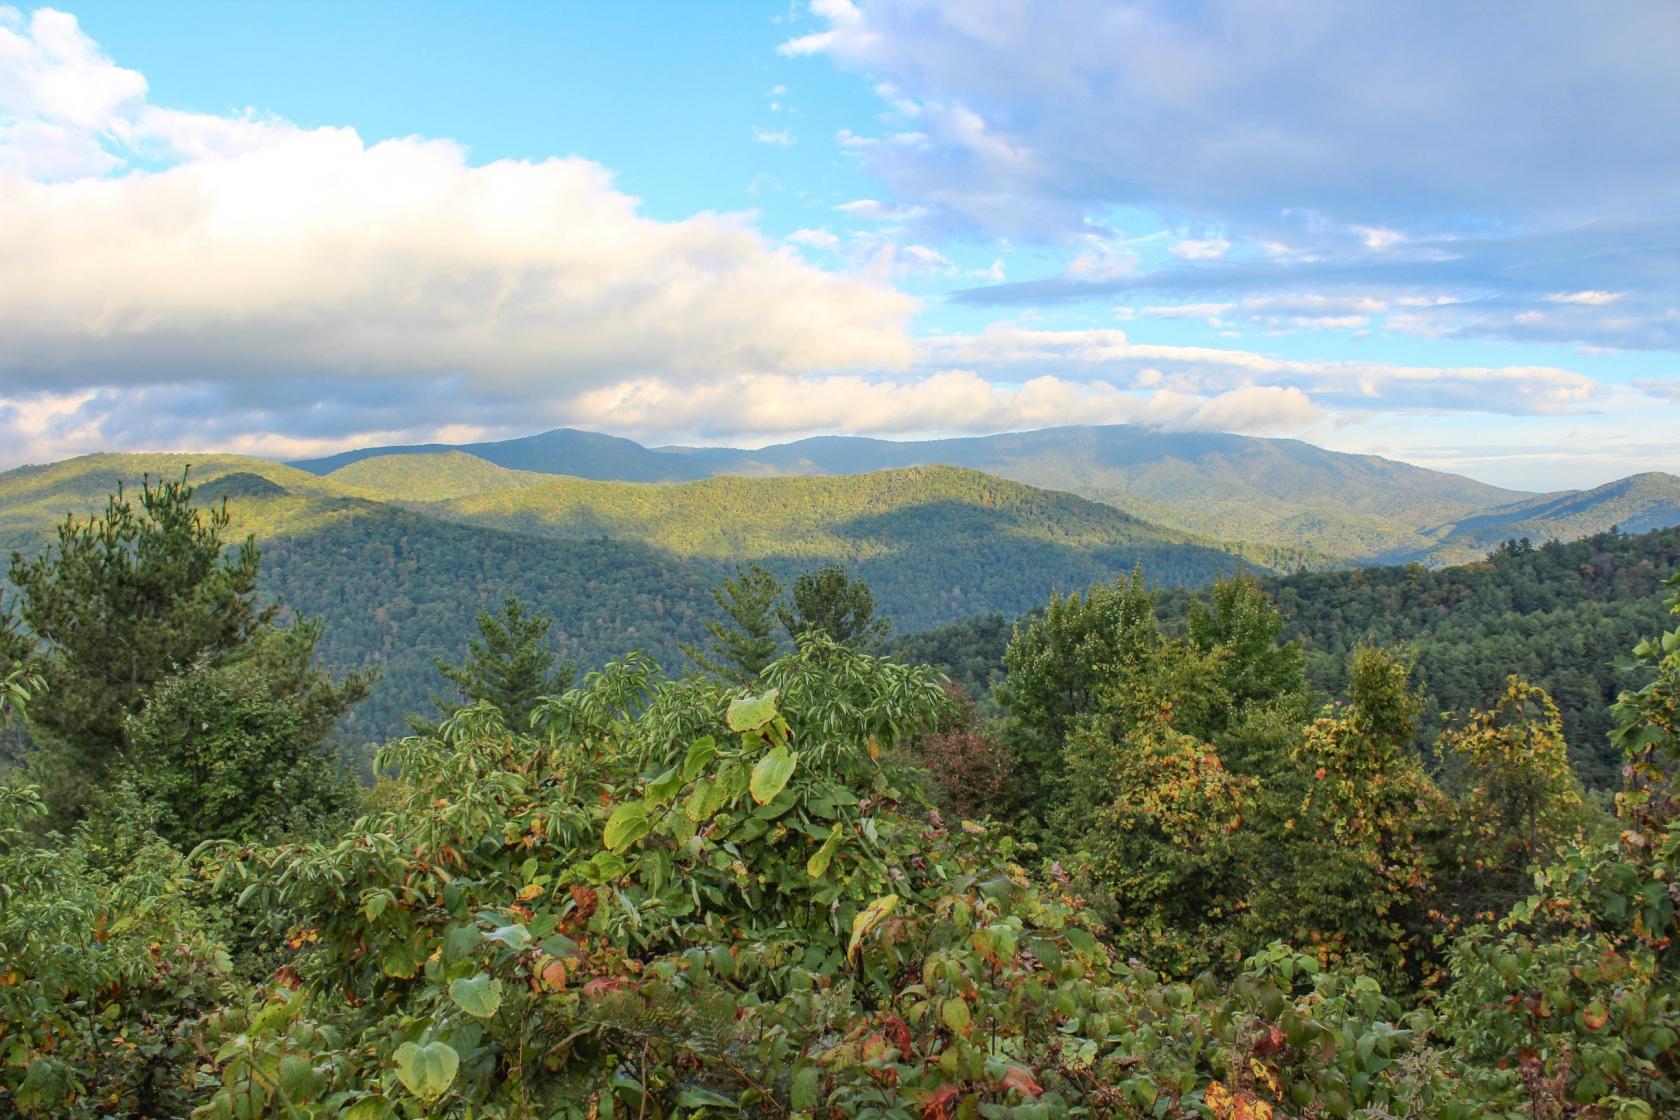 Montañas cubiertas de vegetación